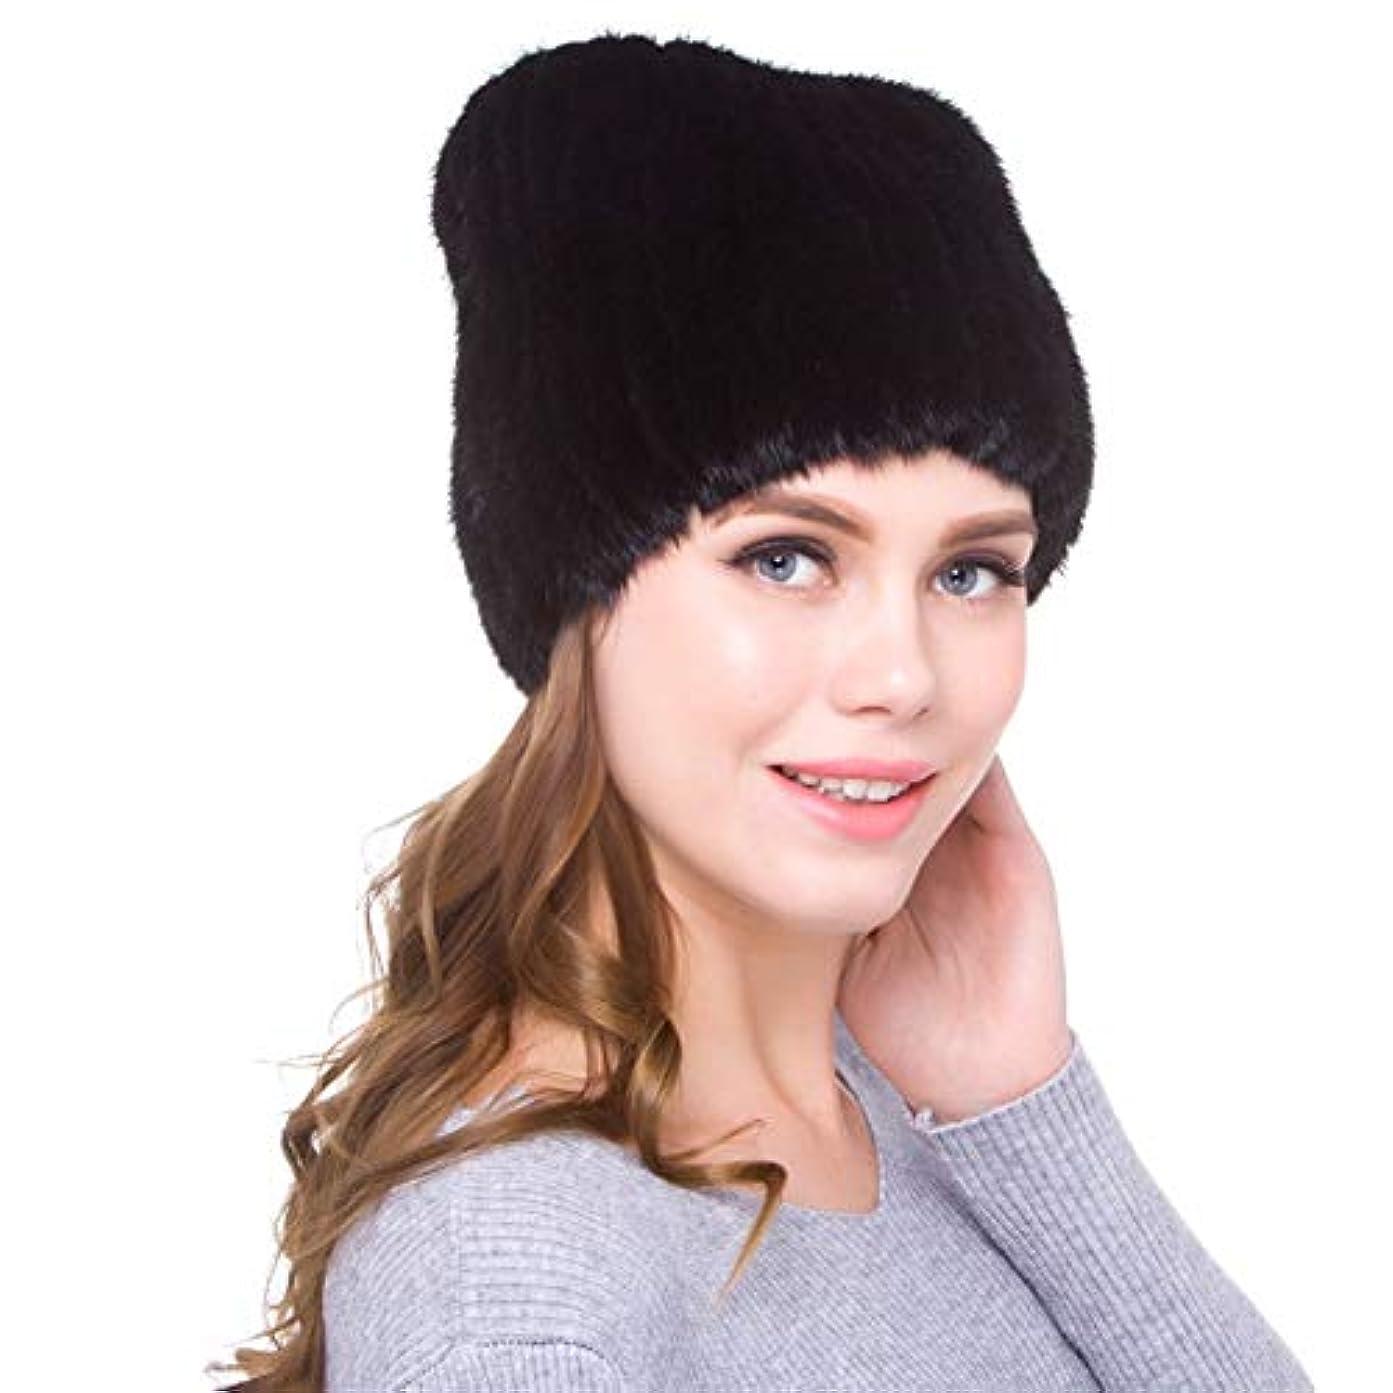 ミッションアルバニーうんざりACAO 女性のミンクの毛皮の帽子ニットミンクのファッションの女性厚く暖かいニットキャップ (色 : ブラック, Size : M)